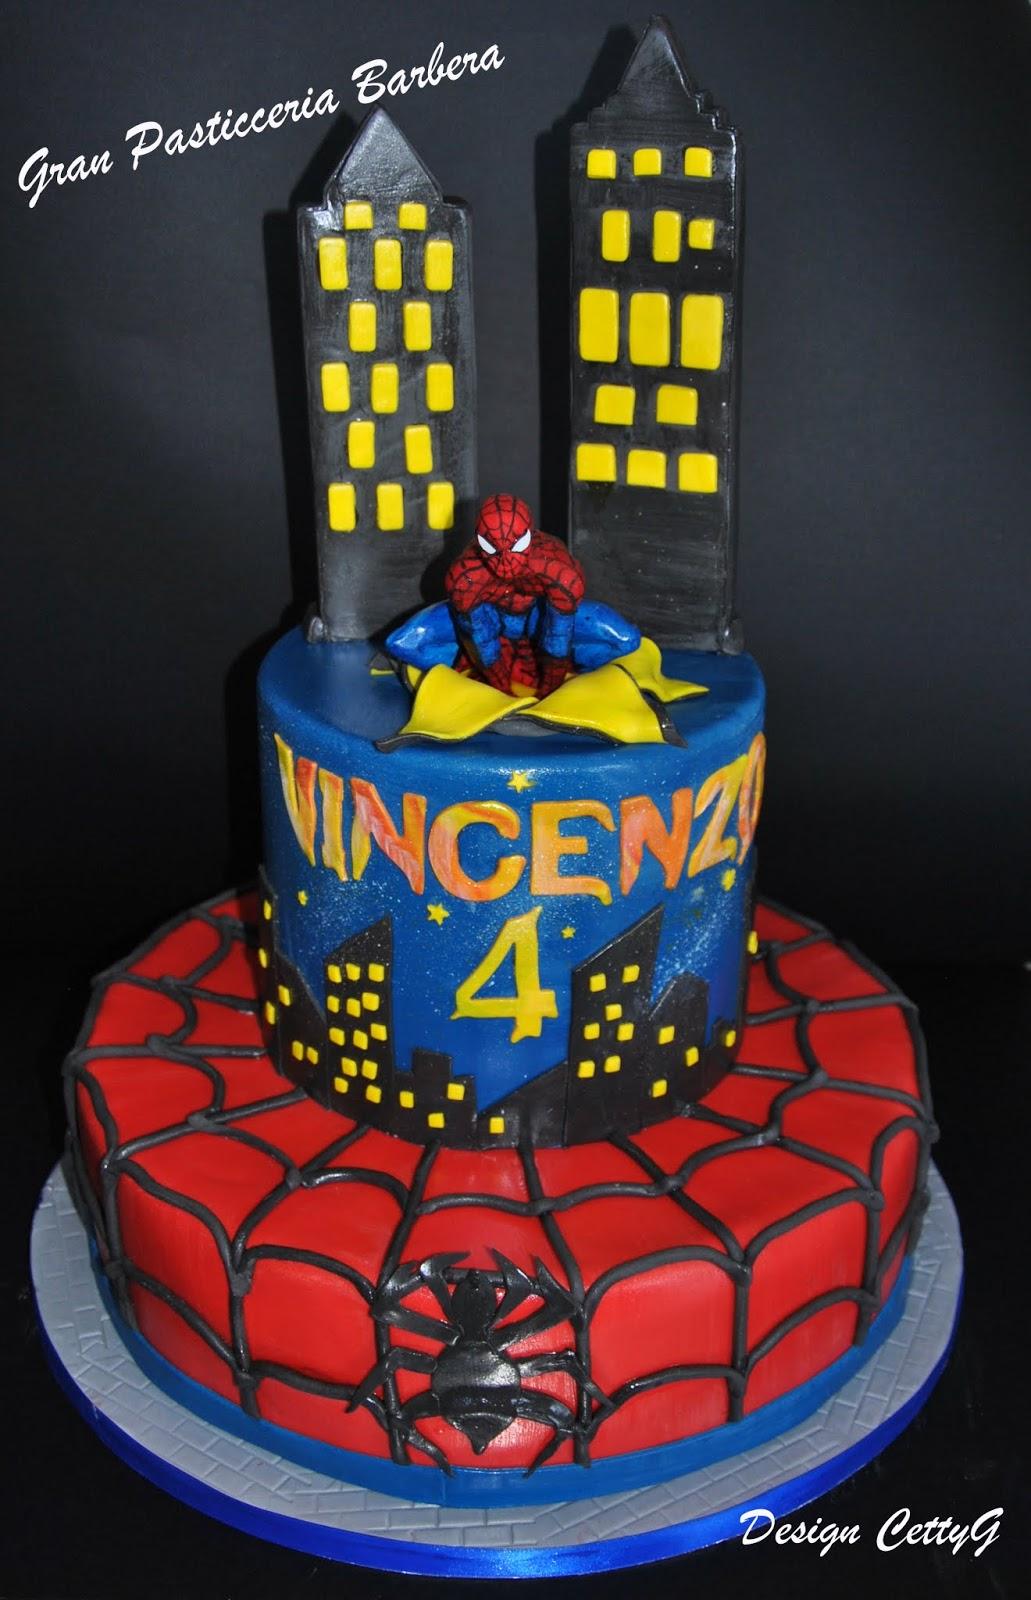 Favorito Le torte decorate di Cetty G: Spiderman cakein pasta di zucchero! RP25